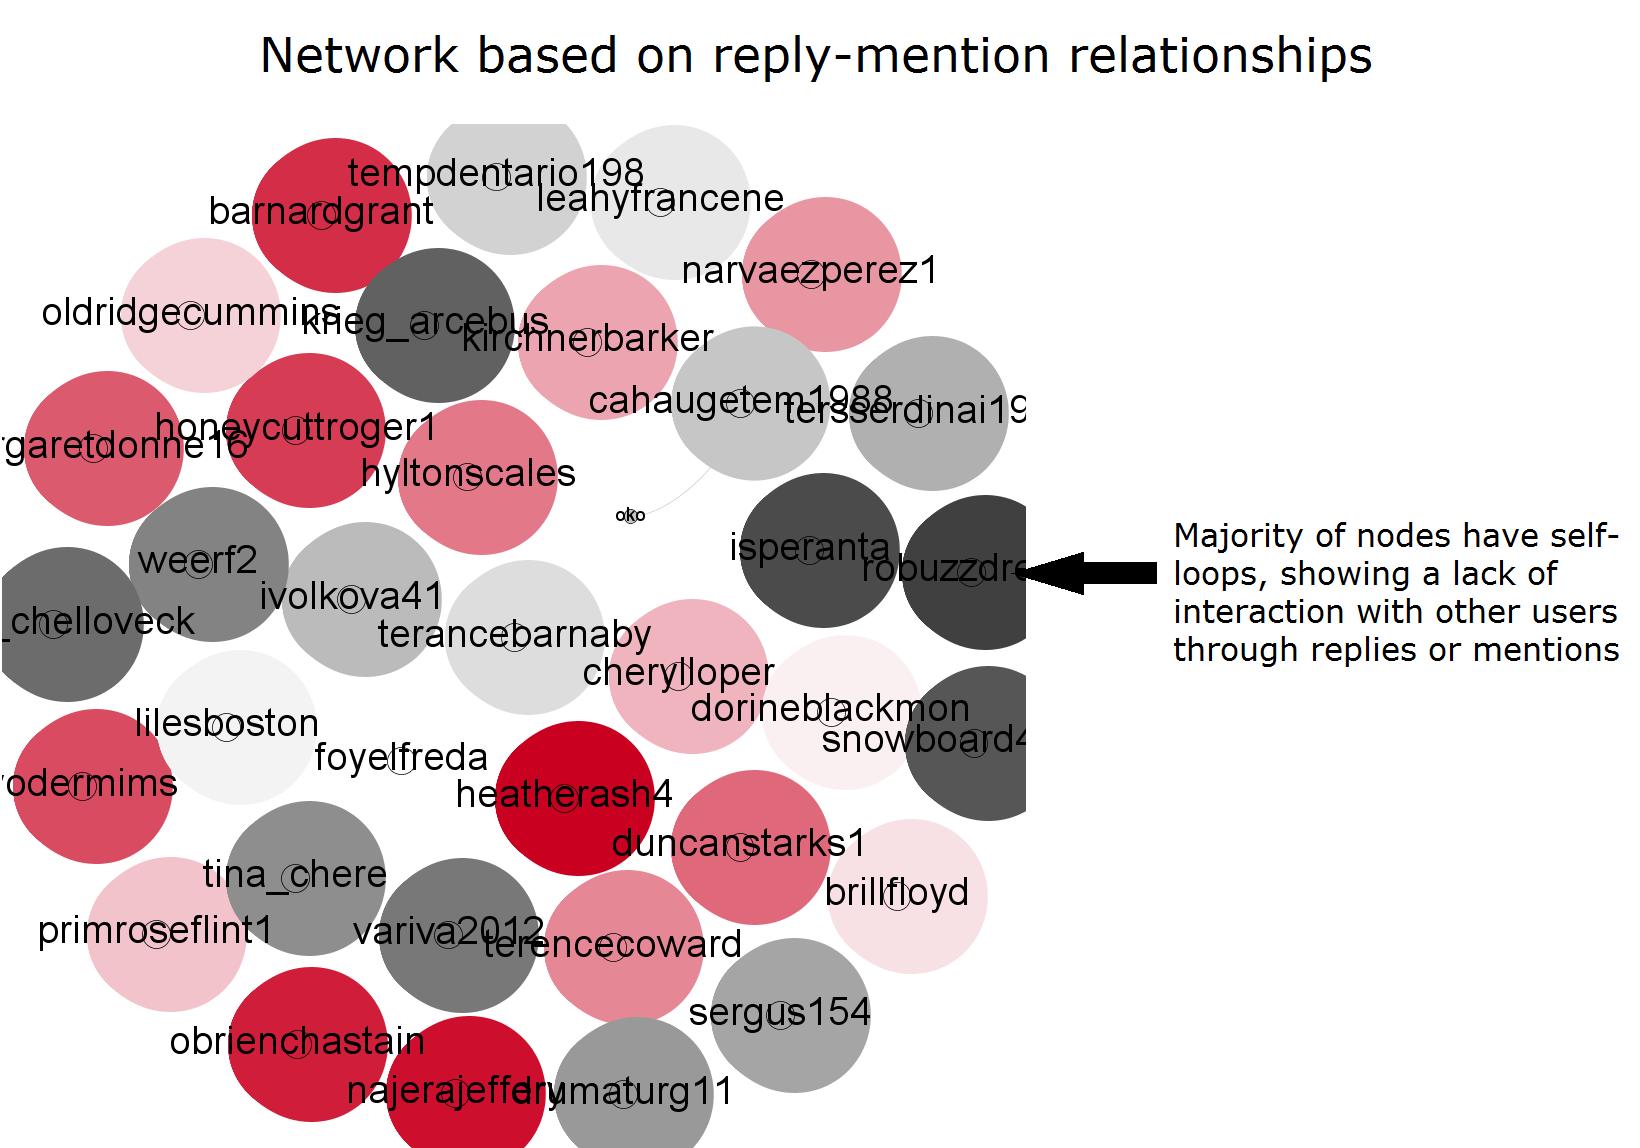 Die Bots senden Tweets, interagieren aber nicht. Bild: Lawrence Alexander